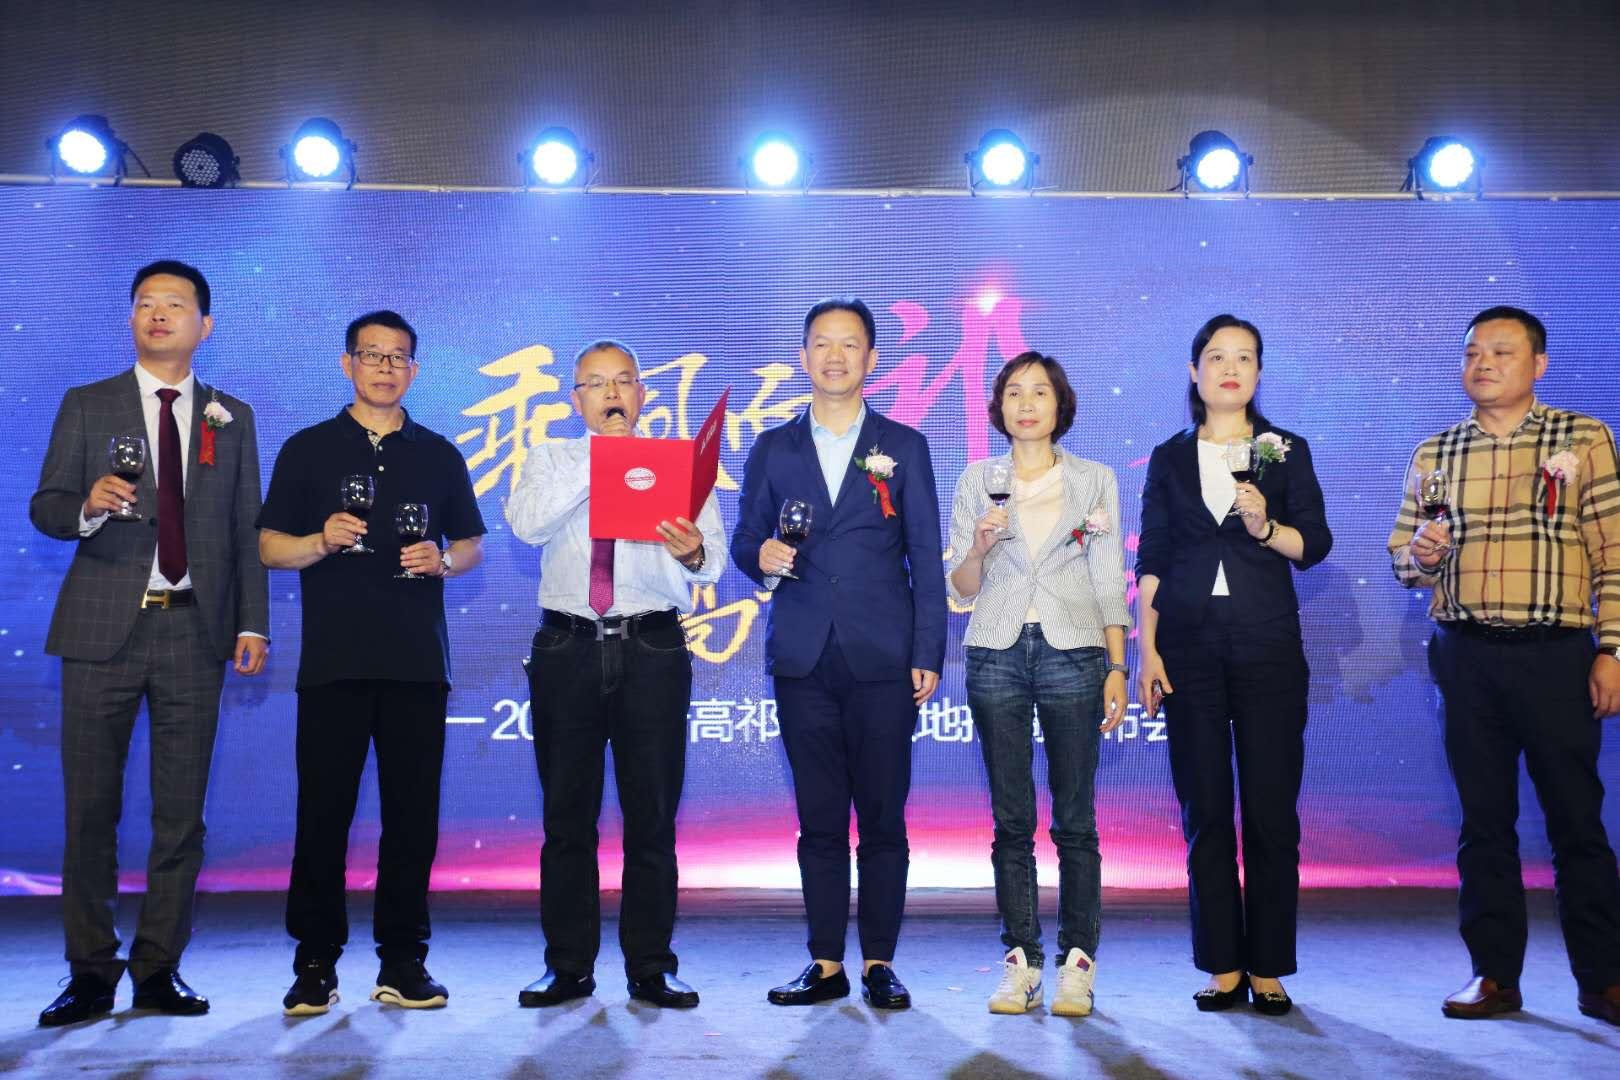 提档县域经济 升级消费品质 步步高新天地首进祁阳9月开门迎客